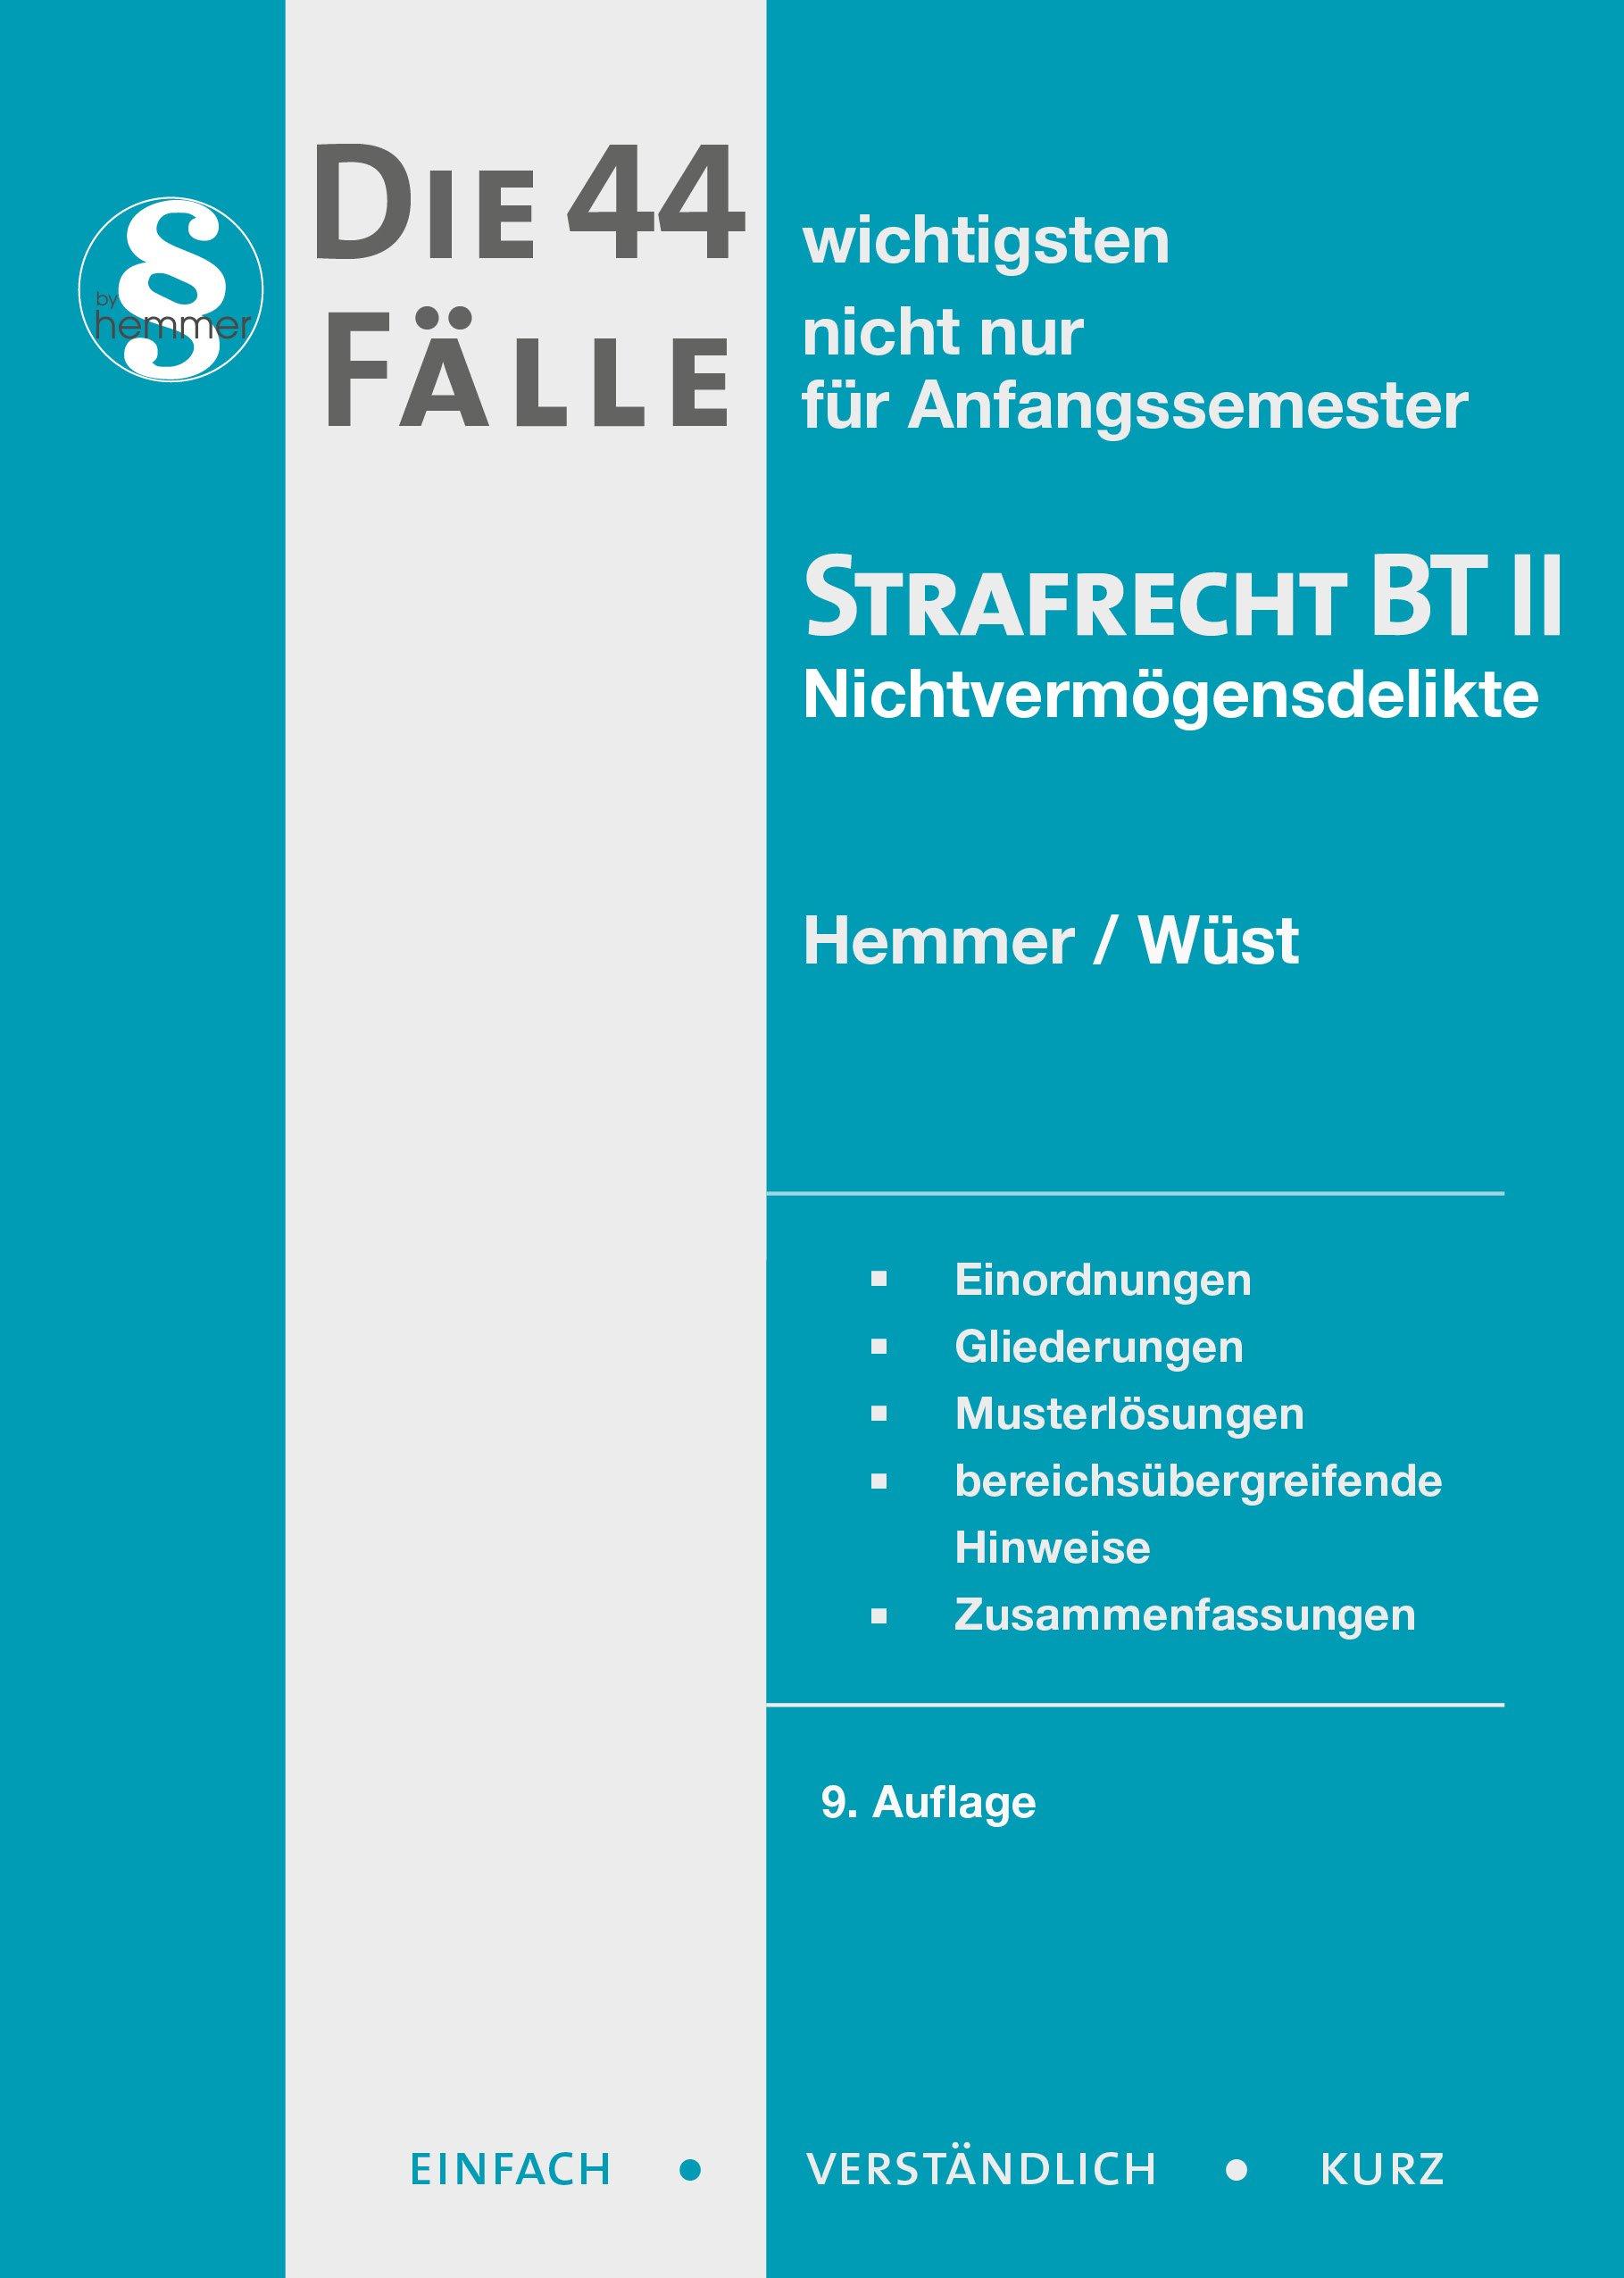 Die 44 wichtigsten Fälle Strafrecht BT II (Skripten - Strafrecht) Taschenbuch – 1. August 2017 Karl-Edmund Hemmer Achim Wüst Bernd Berberich Hemmer-Wüst